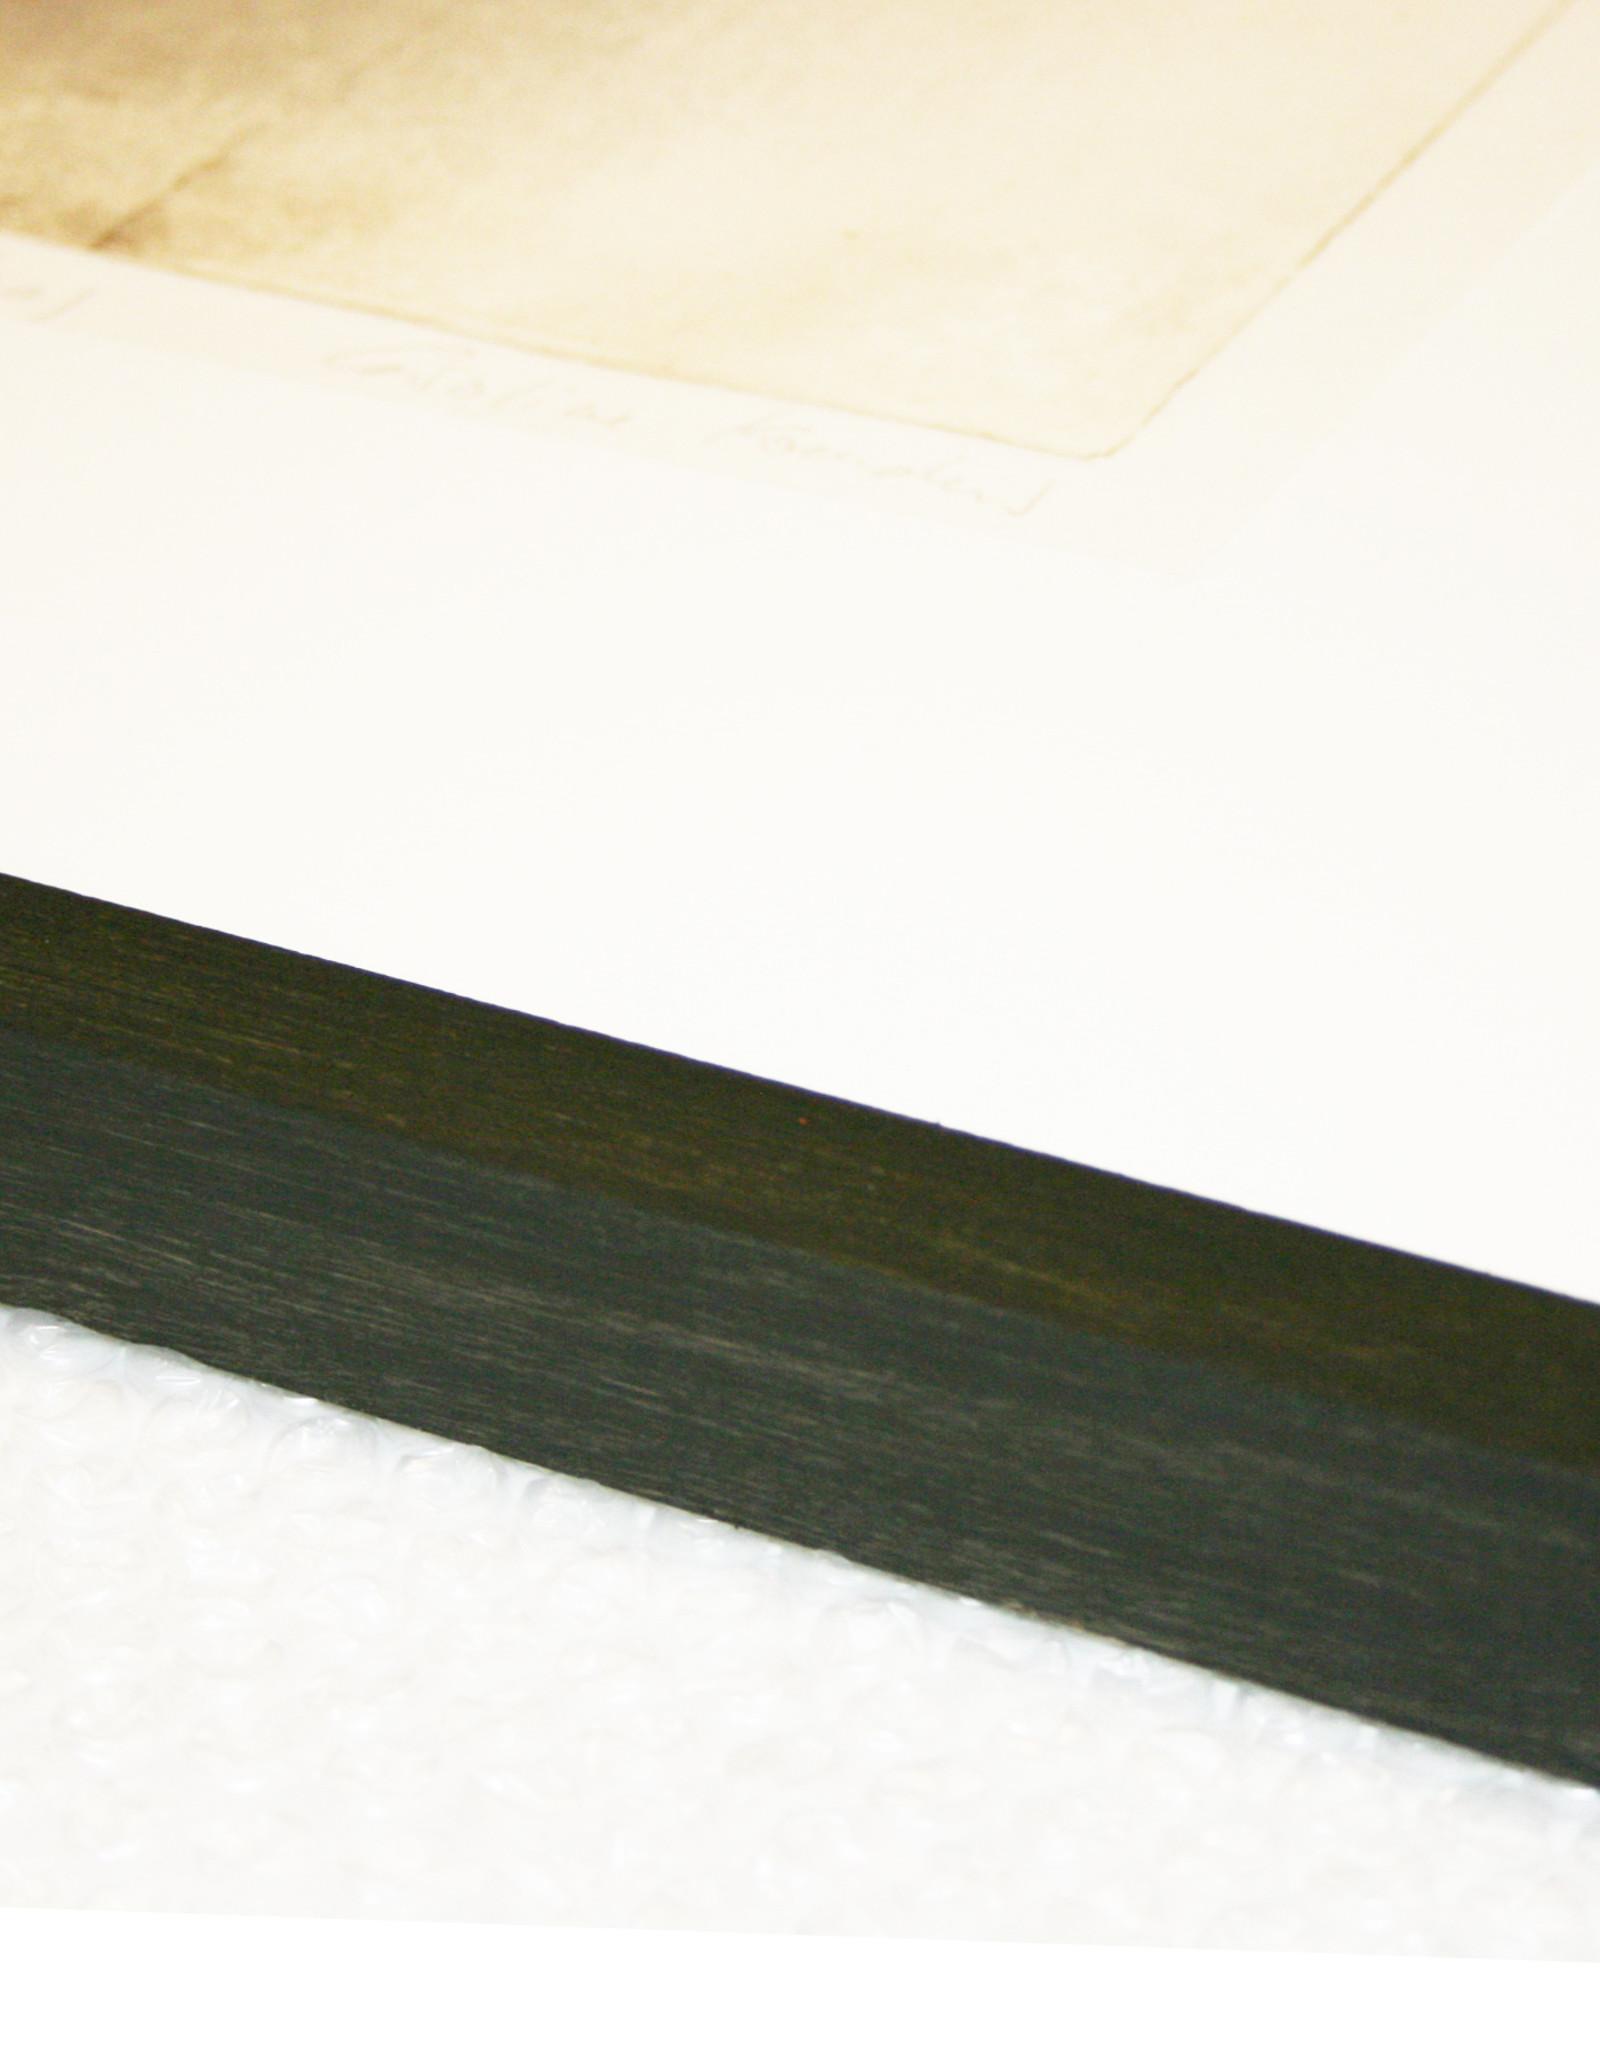 Barth¨ (Larson Juhl) 2x Wissellijst 70x70 Zwart Essen Barth profiel no 210-711: 18x28mm